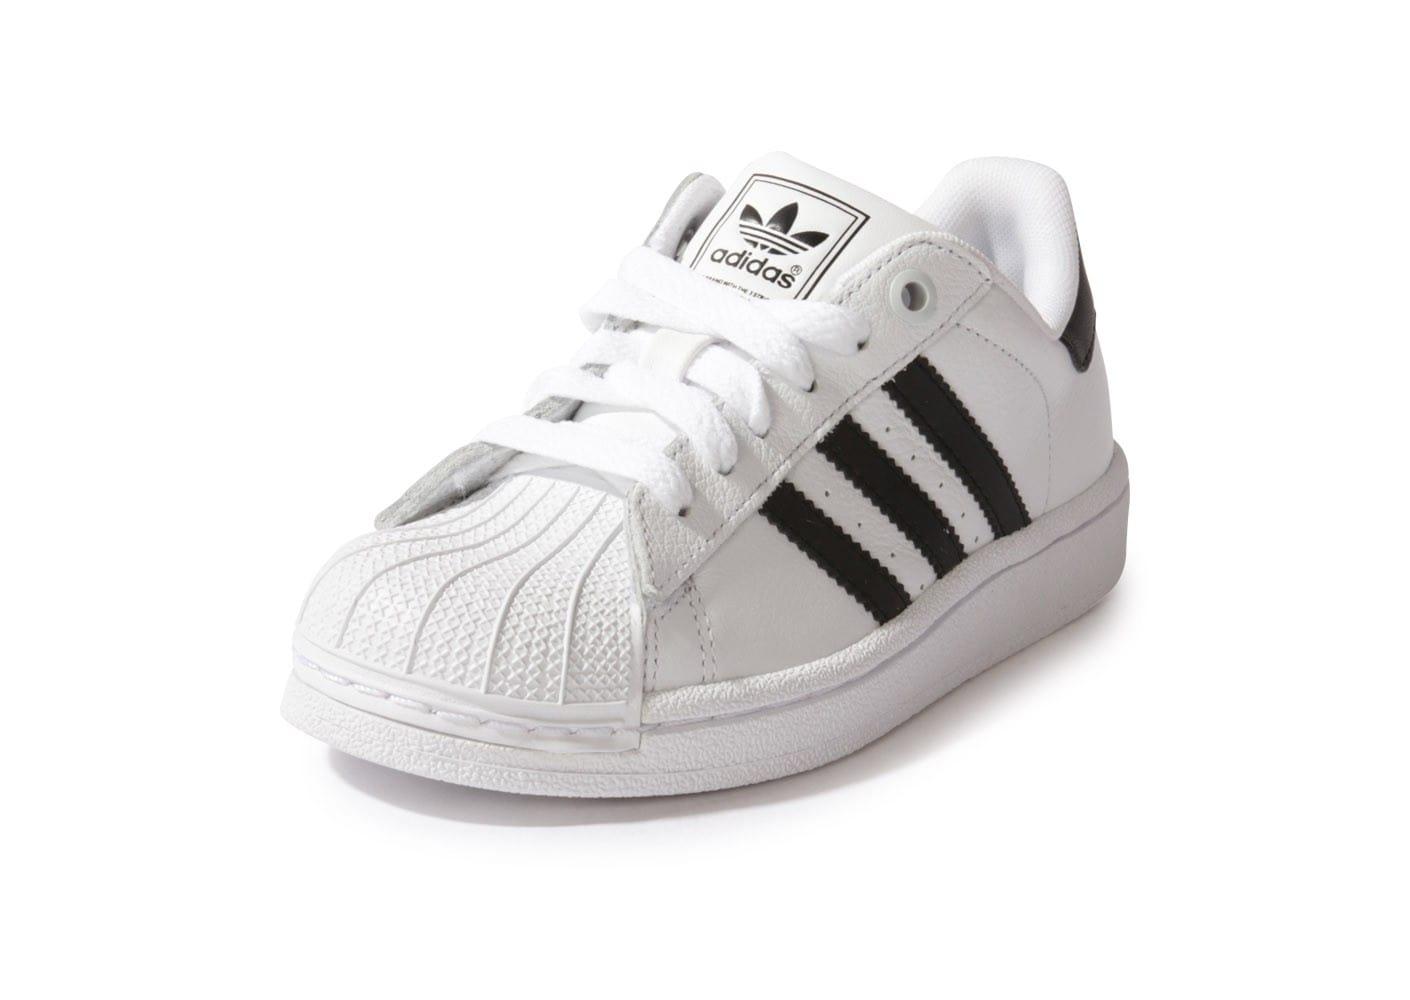 pretty nice 0312f d5cfd adidas superstar femme taille grand espace. Adidas Originals Superstar  Chaussures Officiel Prix Pas Cher Pour Enfant  Bebe Bleu Blanc   Prix de  promotion!